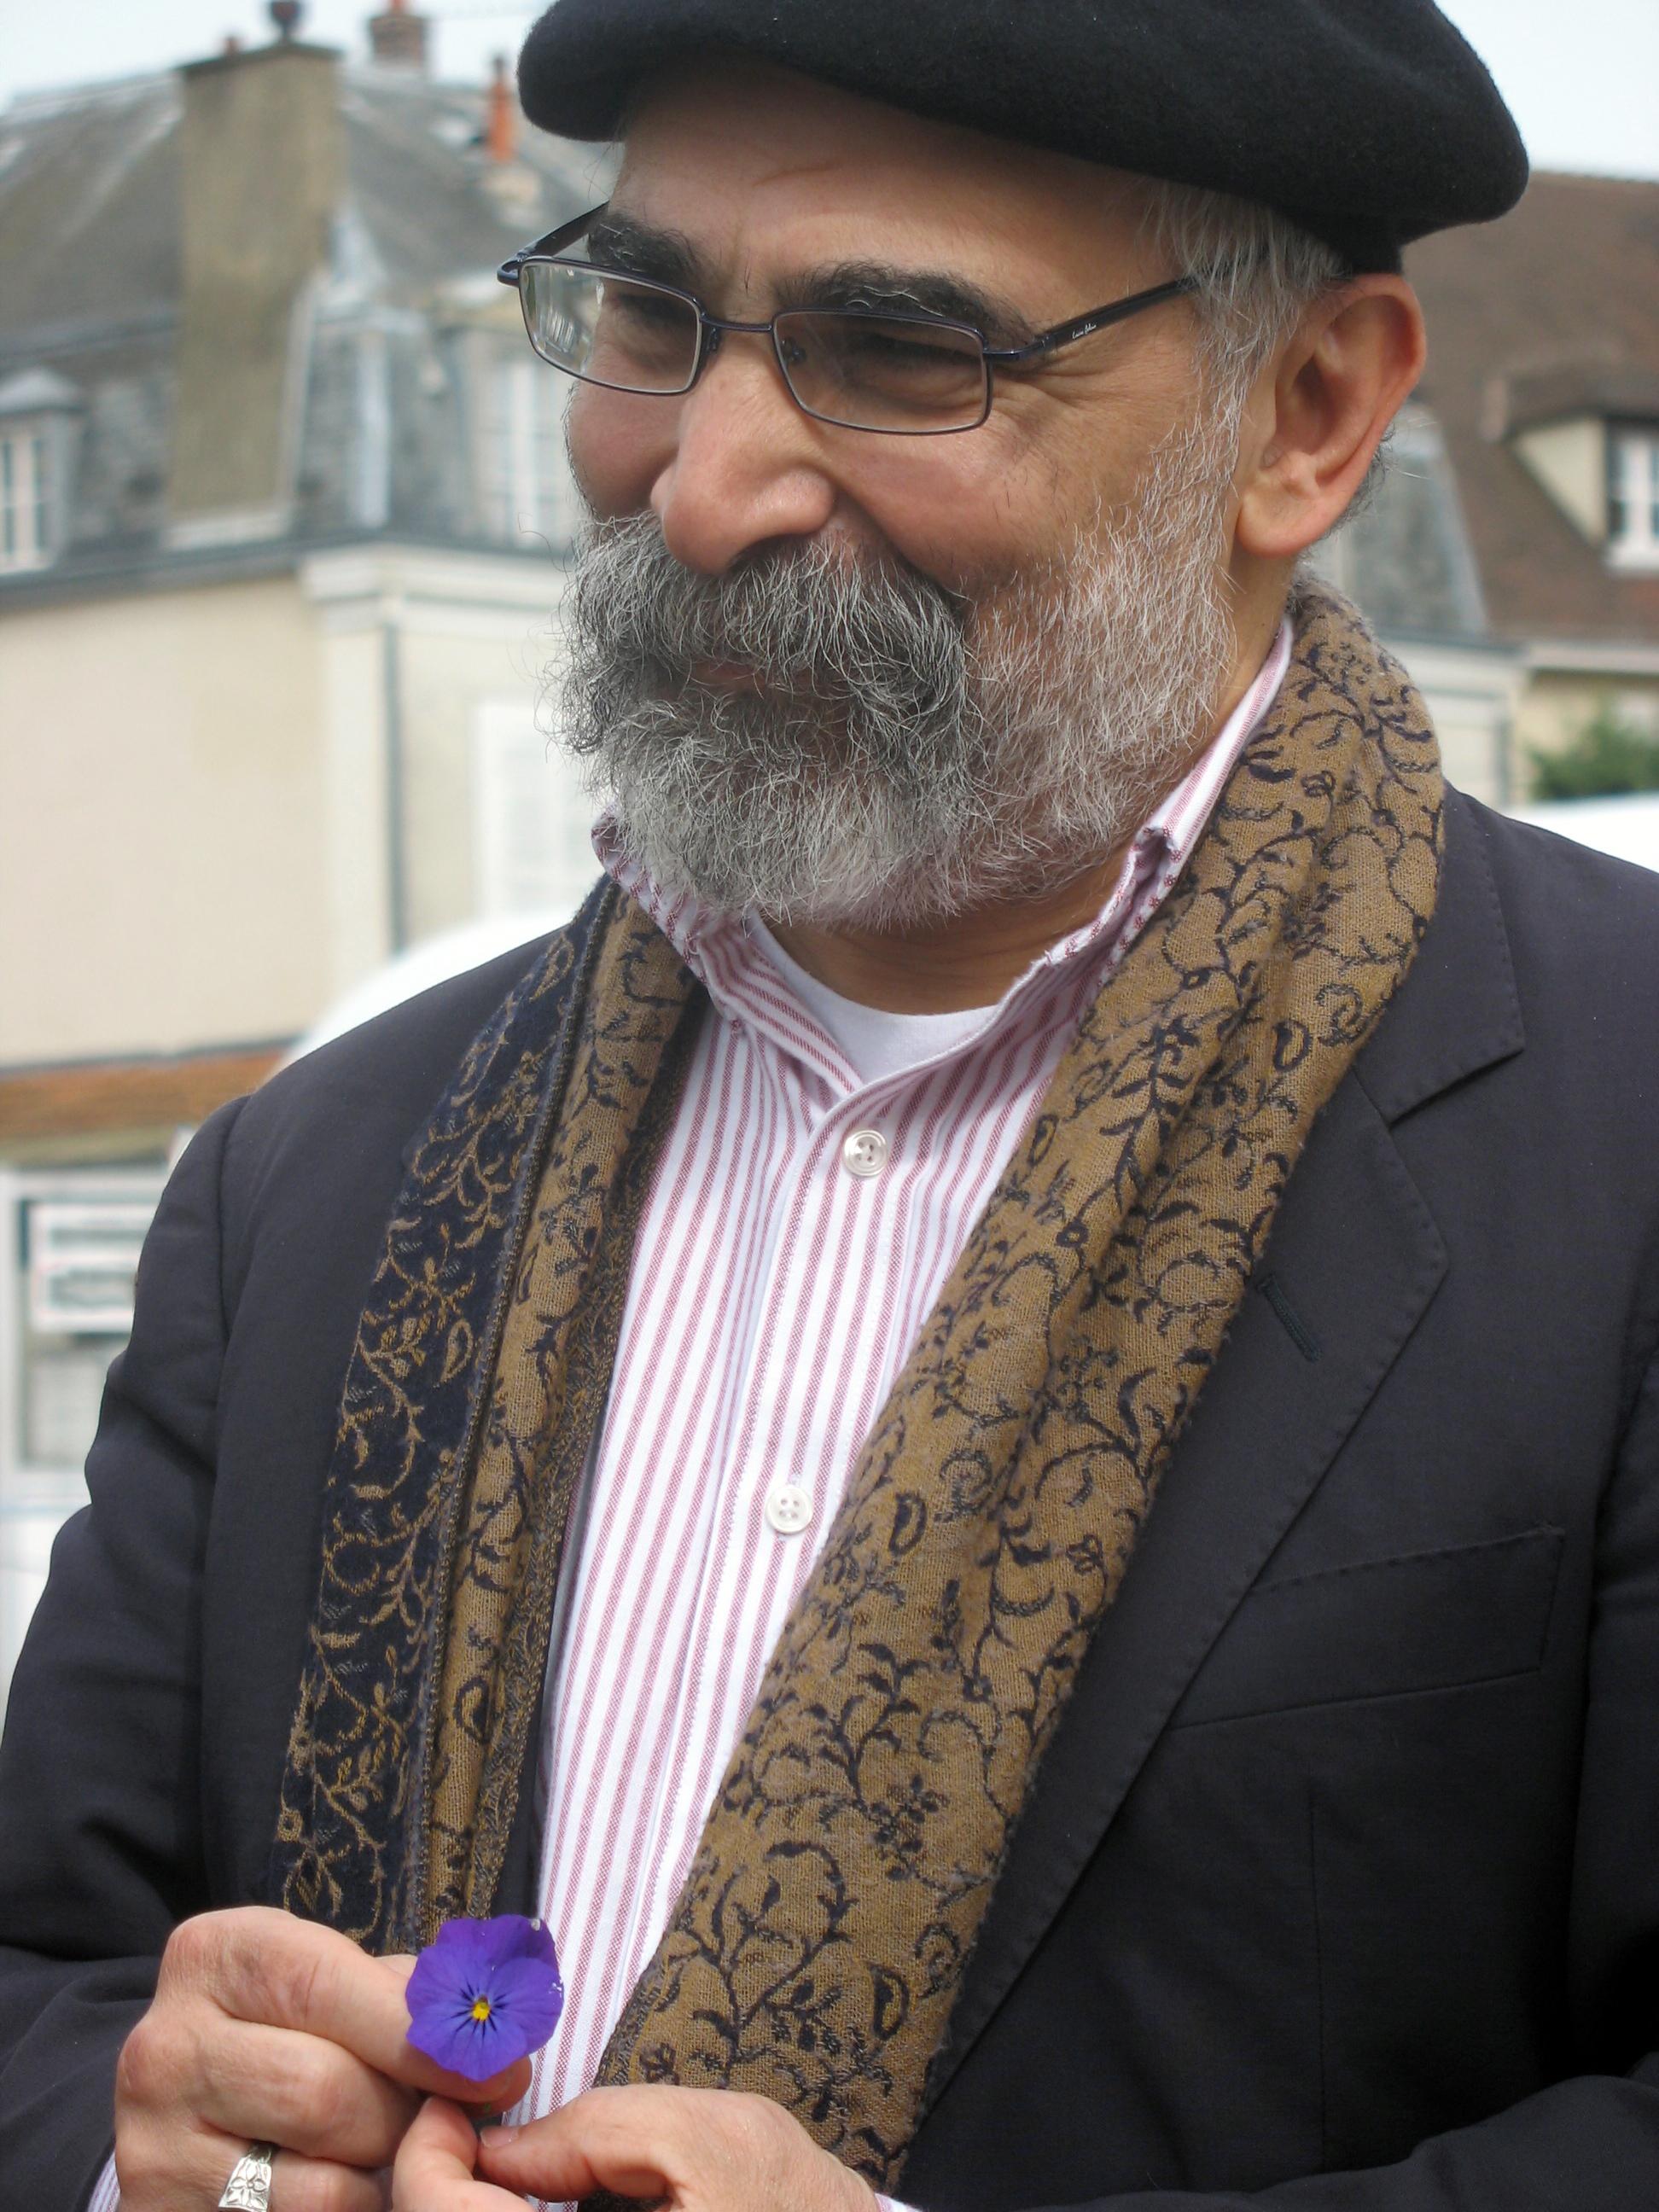 VORTRAG Das Paradox der zwei Islam Versionen -Neue Erkenntnisse der Koranforschung und ihre Relevanz für heute